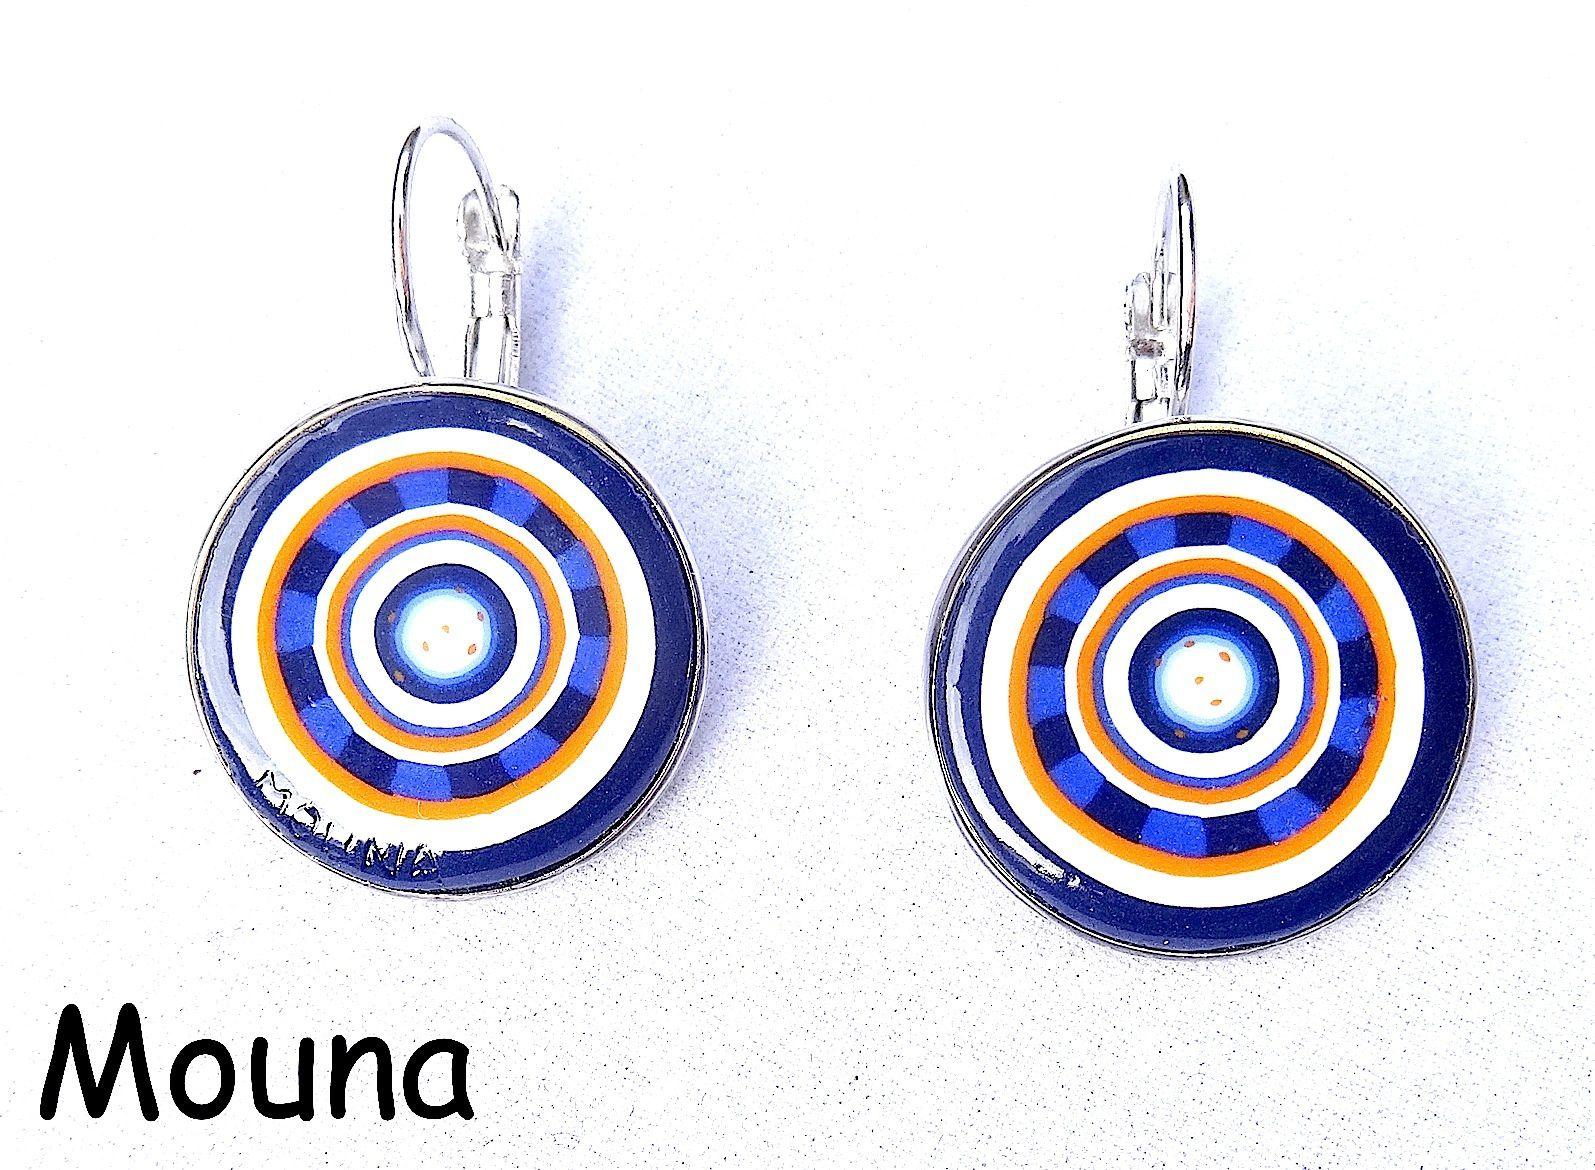 Tarifs: 10 à 18 euros/paire de boucles d'oreilles (pour connaître la disponibilité, cliquez sur la paire de boucles d'oreilles).